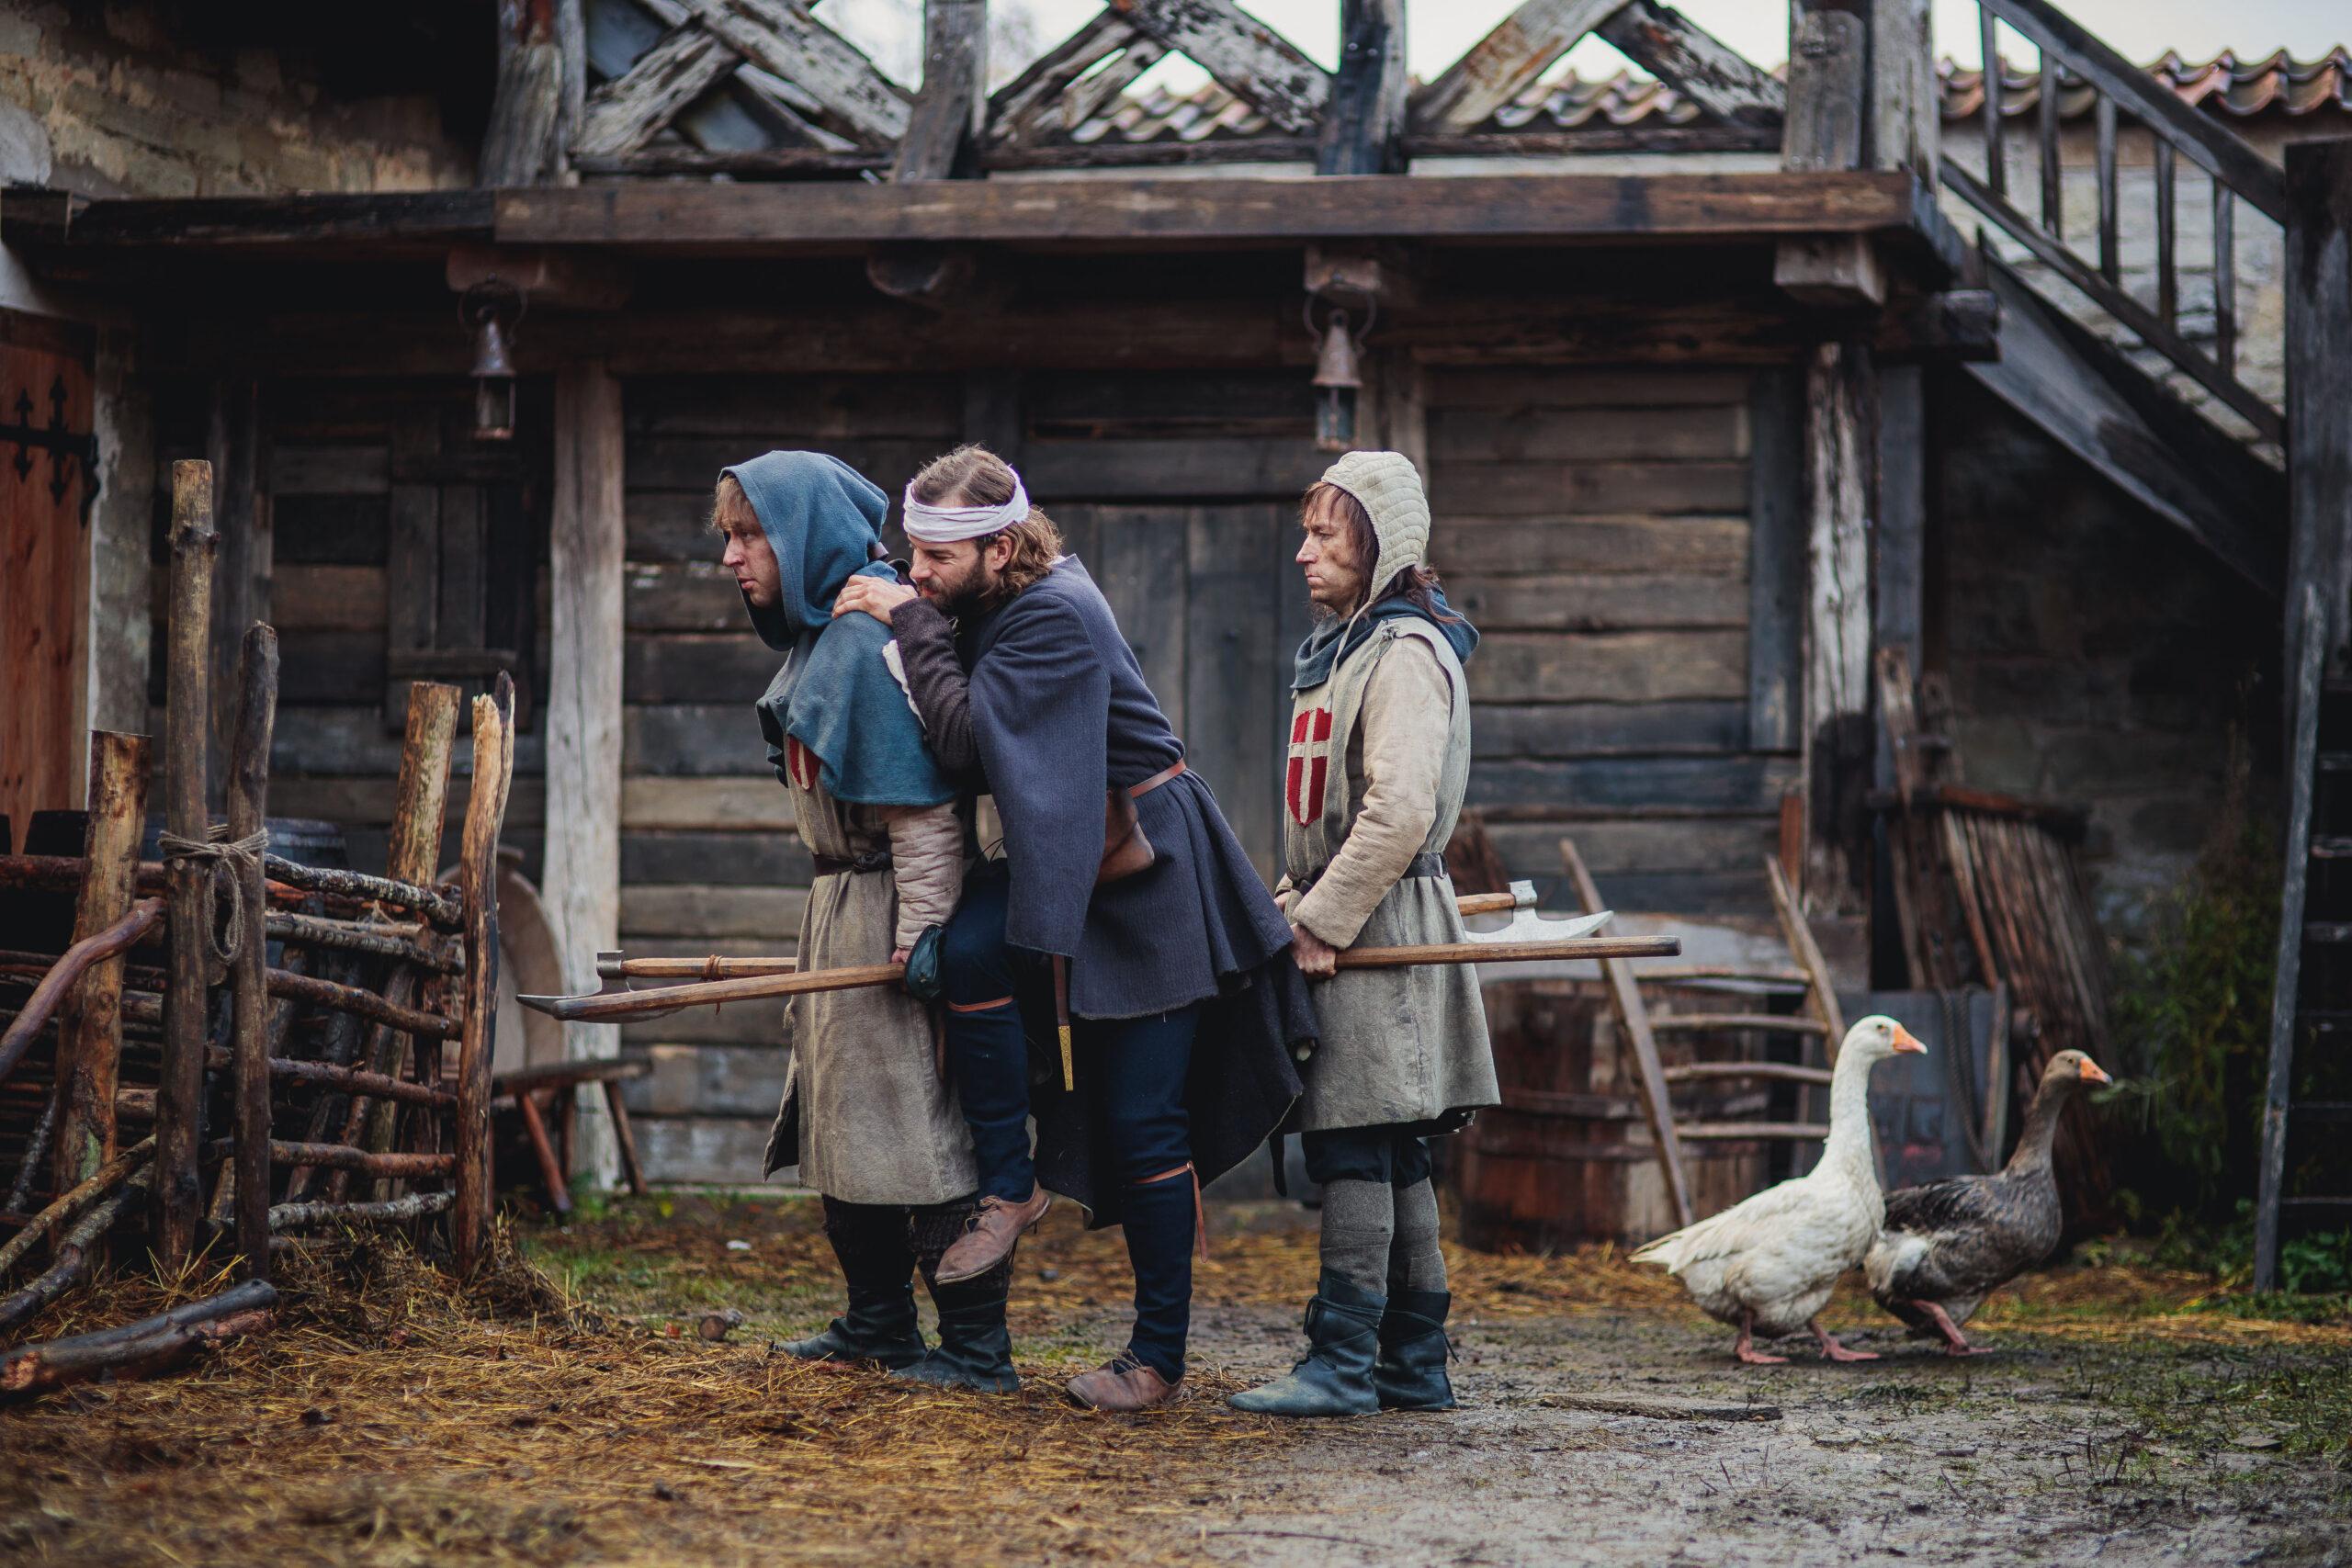 Apteeker Melchiori võtted Archebaldi keskajakeskuses. Kõige uuem Saaremaa tehtud film.